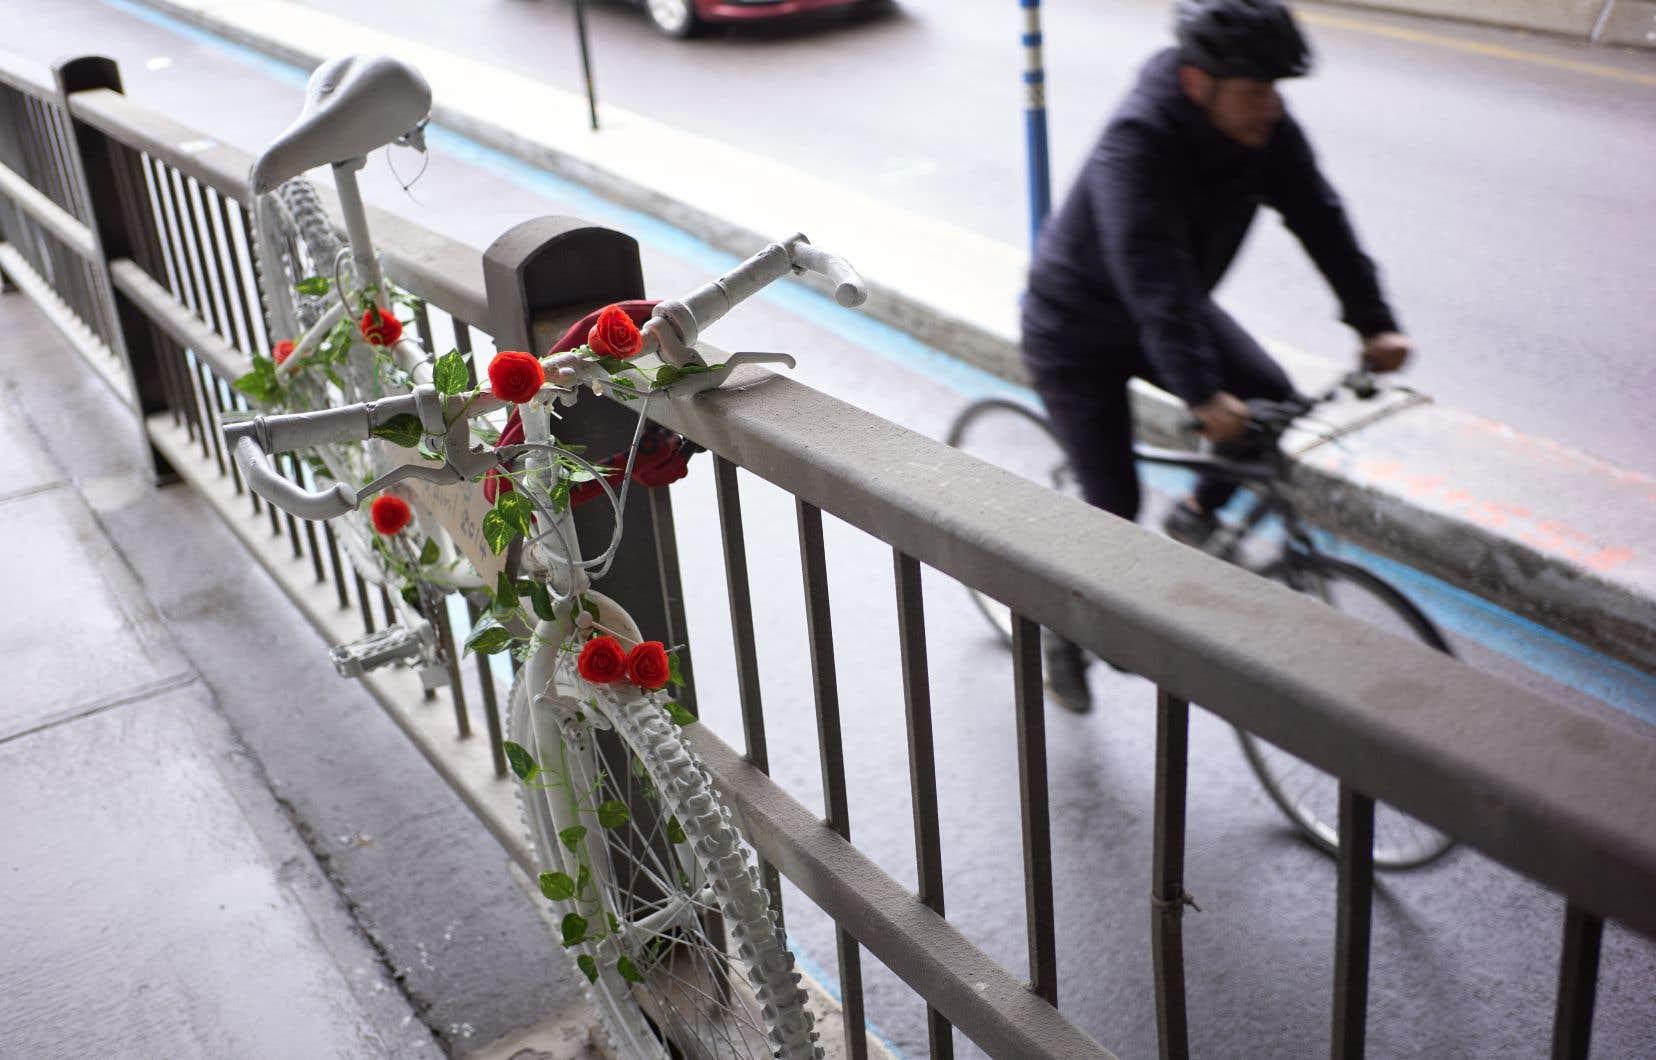 Le vélo blanc en hommage à Mathilde Blais, cette cycliste décédée sous le viaduc des Carrières, sera retiré dimanche.